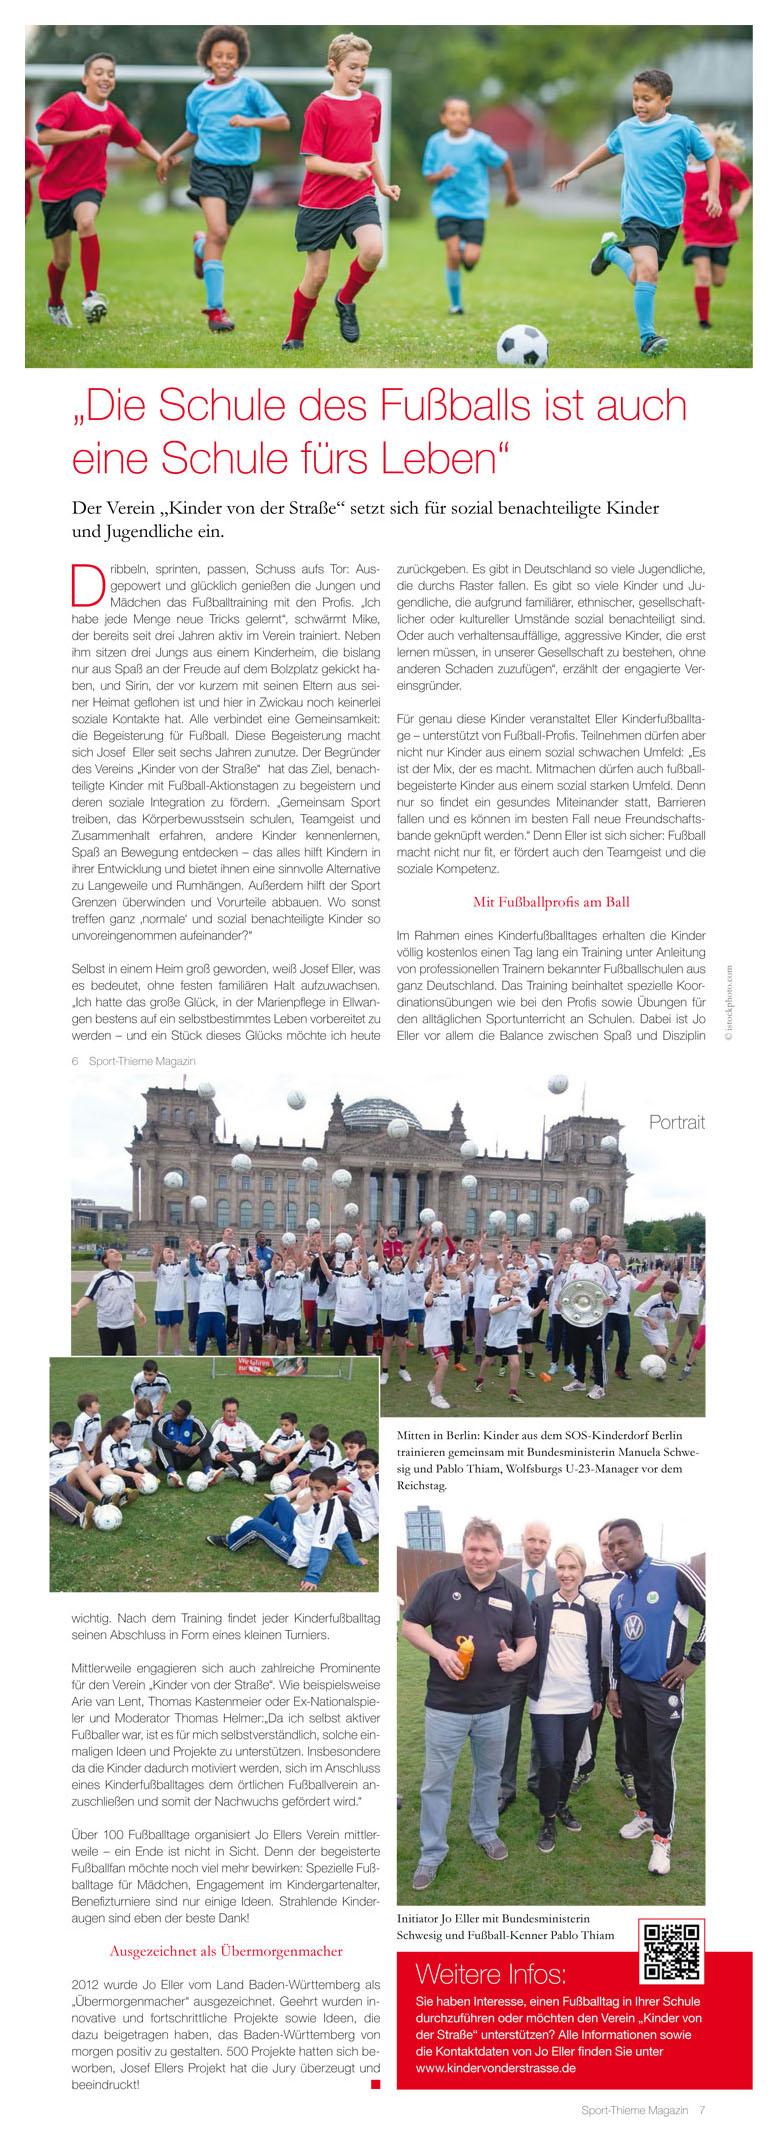 SportThieme Magazin vom Februar 2015 - Bild 1 - Datum: 13.02.2015 - Tags: Besonderes, Pressebericht, AKTION FUSSBALLTAG e.V.